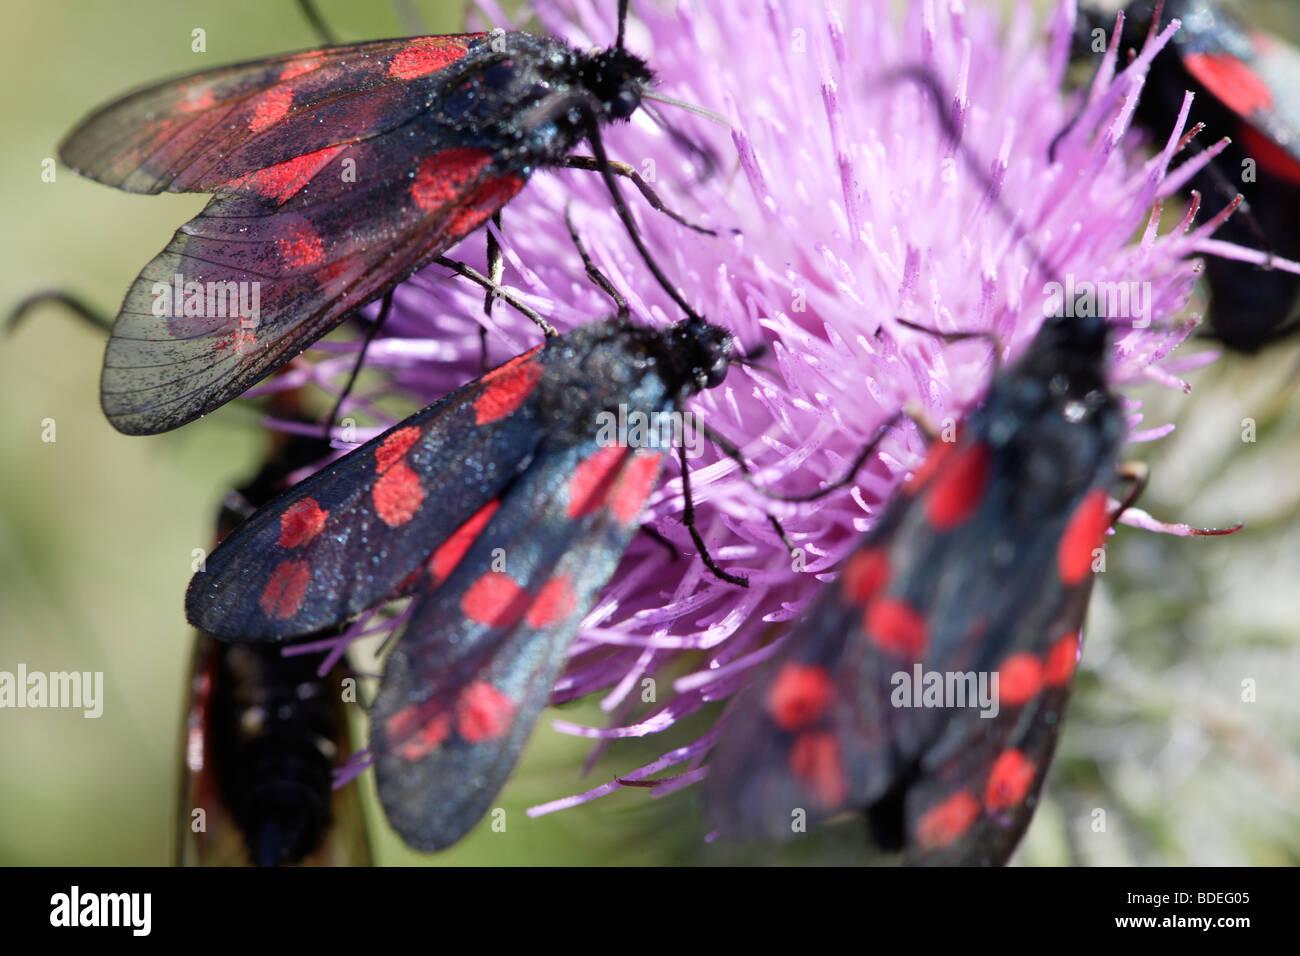 Les insectes de couleur vive sur une fleur de chardon Photo Stock